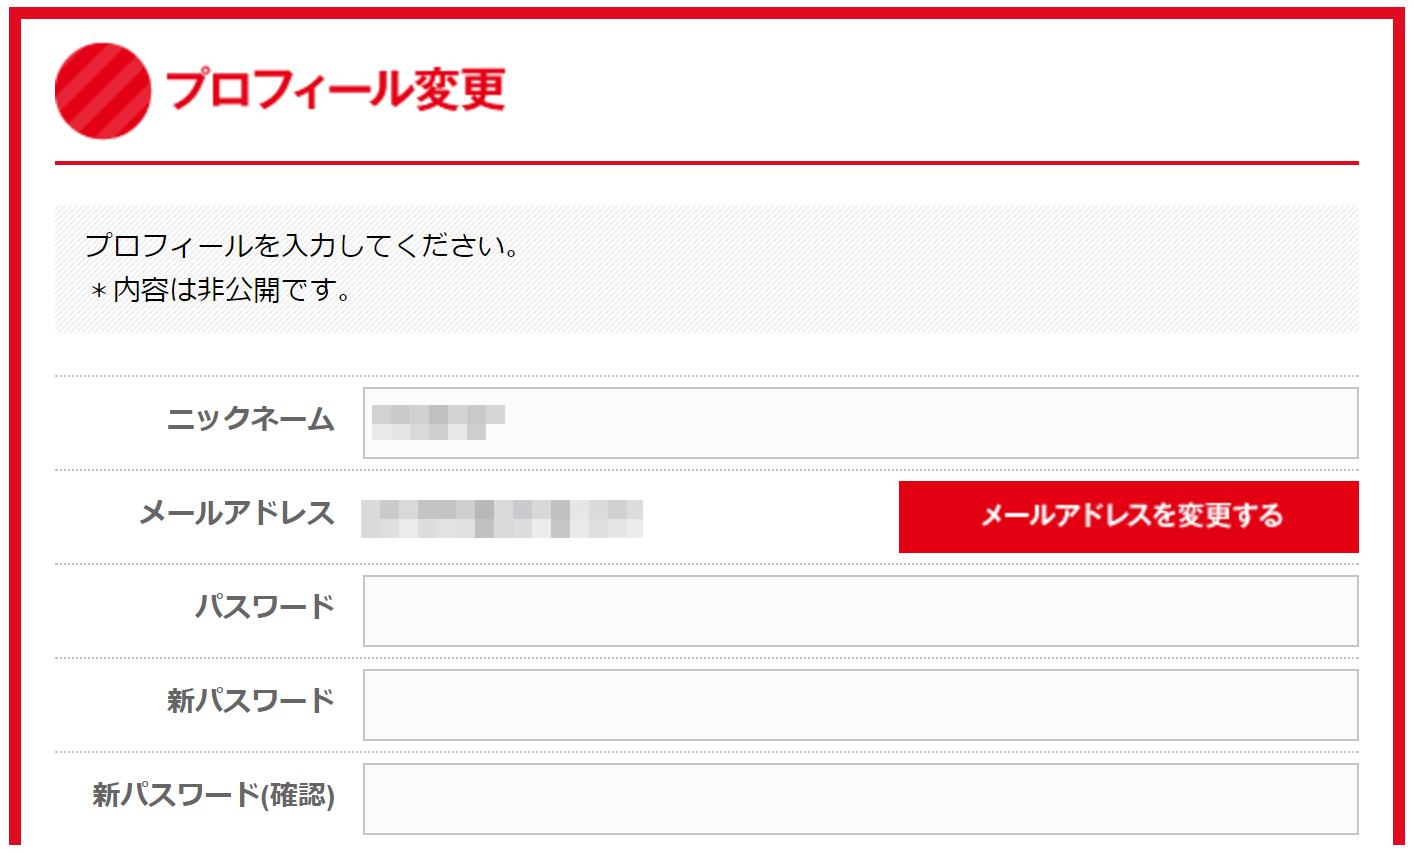 レシポ/プロフィール変更